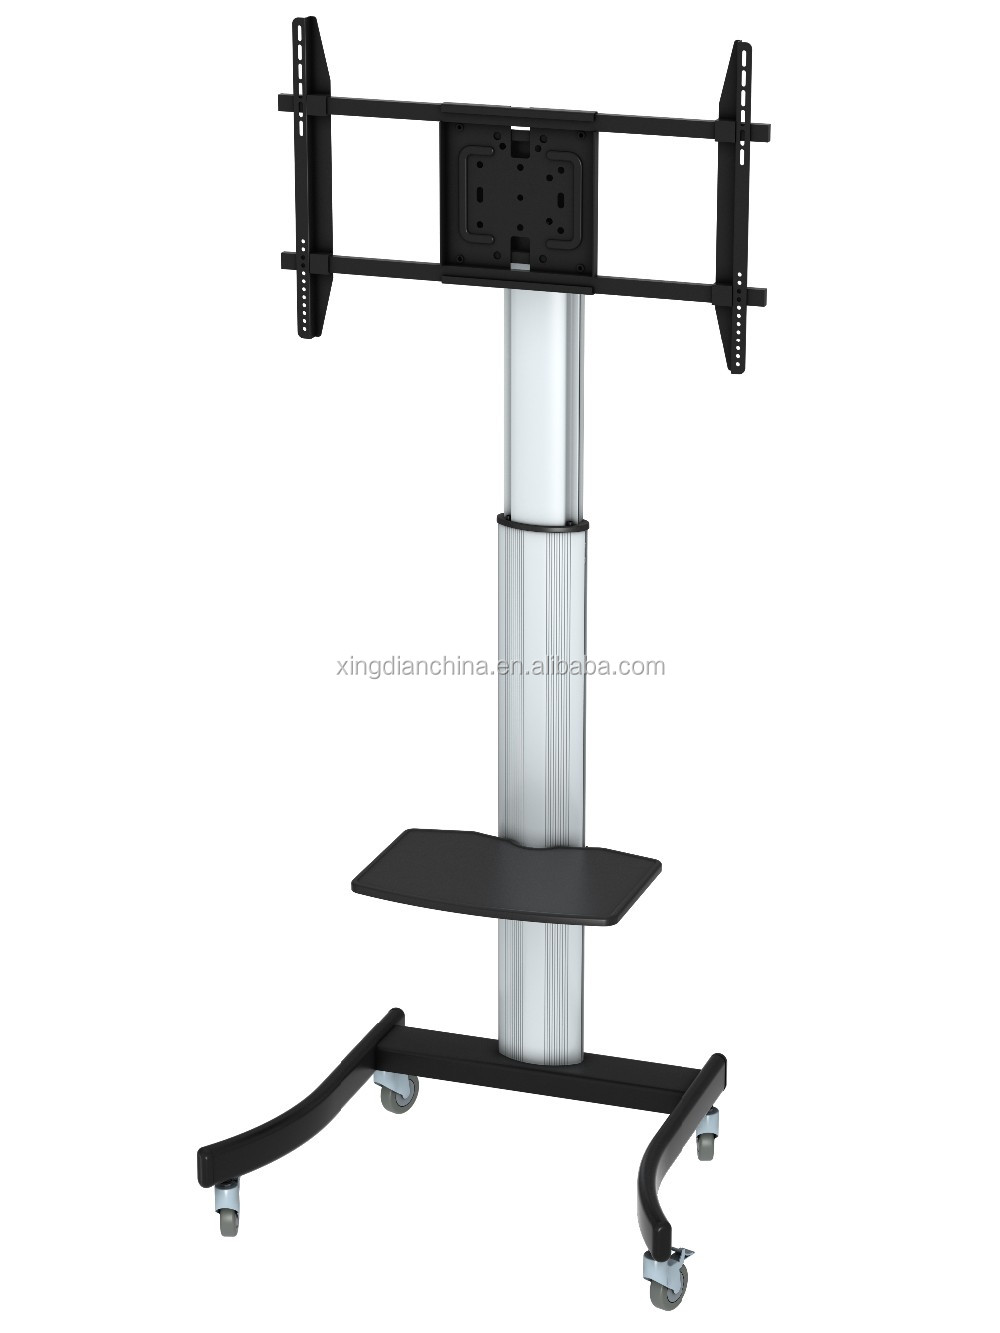 conference system outdoor movable moden led tv stand design for sale buy modern tv stand led. Black Bedroom Furniture Sets. Home Design Ideas